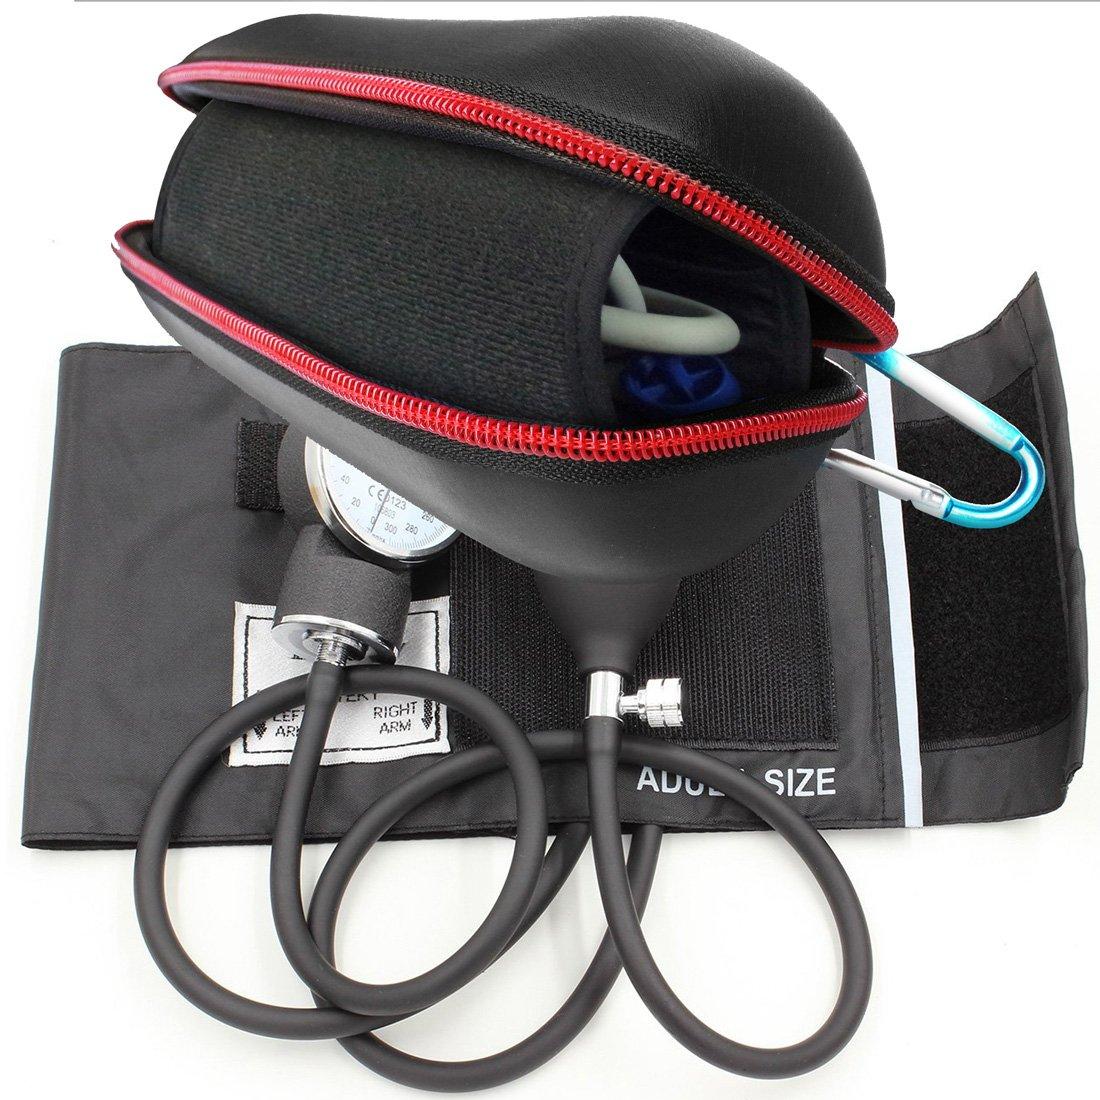 FitSand (TM) viaje cremallera portátil llevar bolsa de carcasa rígida protectora caja para LotFancy Manual - Tensiómetro aneroide (sangre medidor de ...